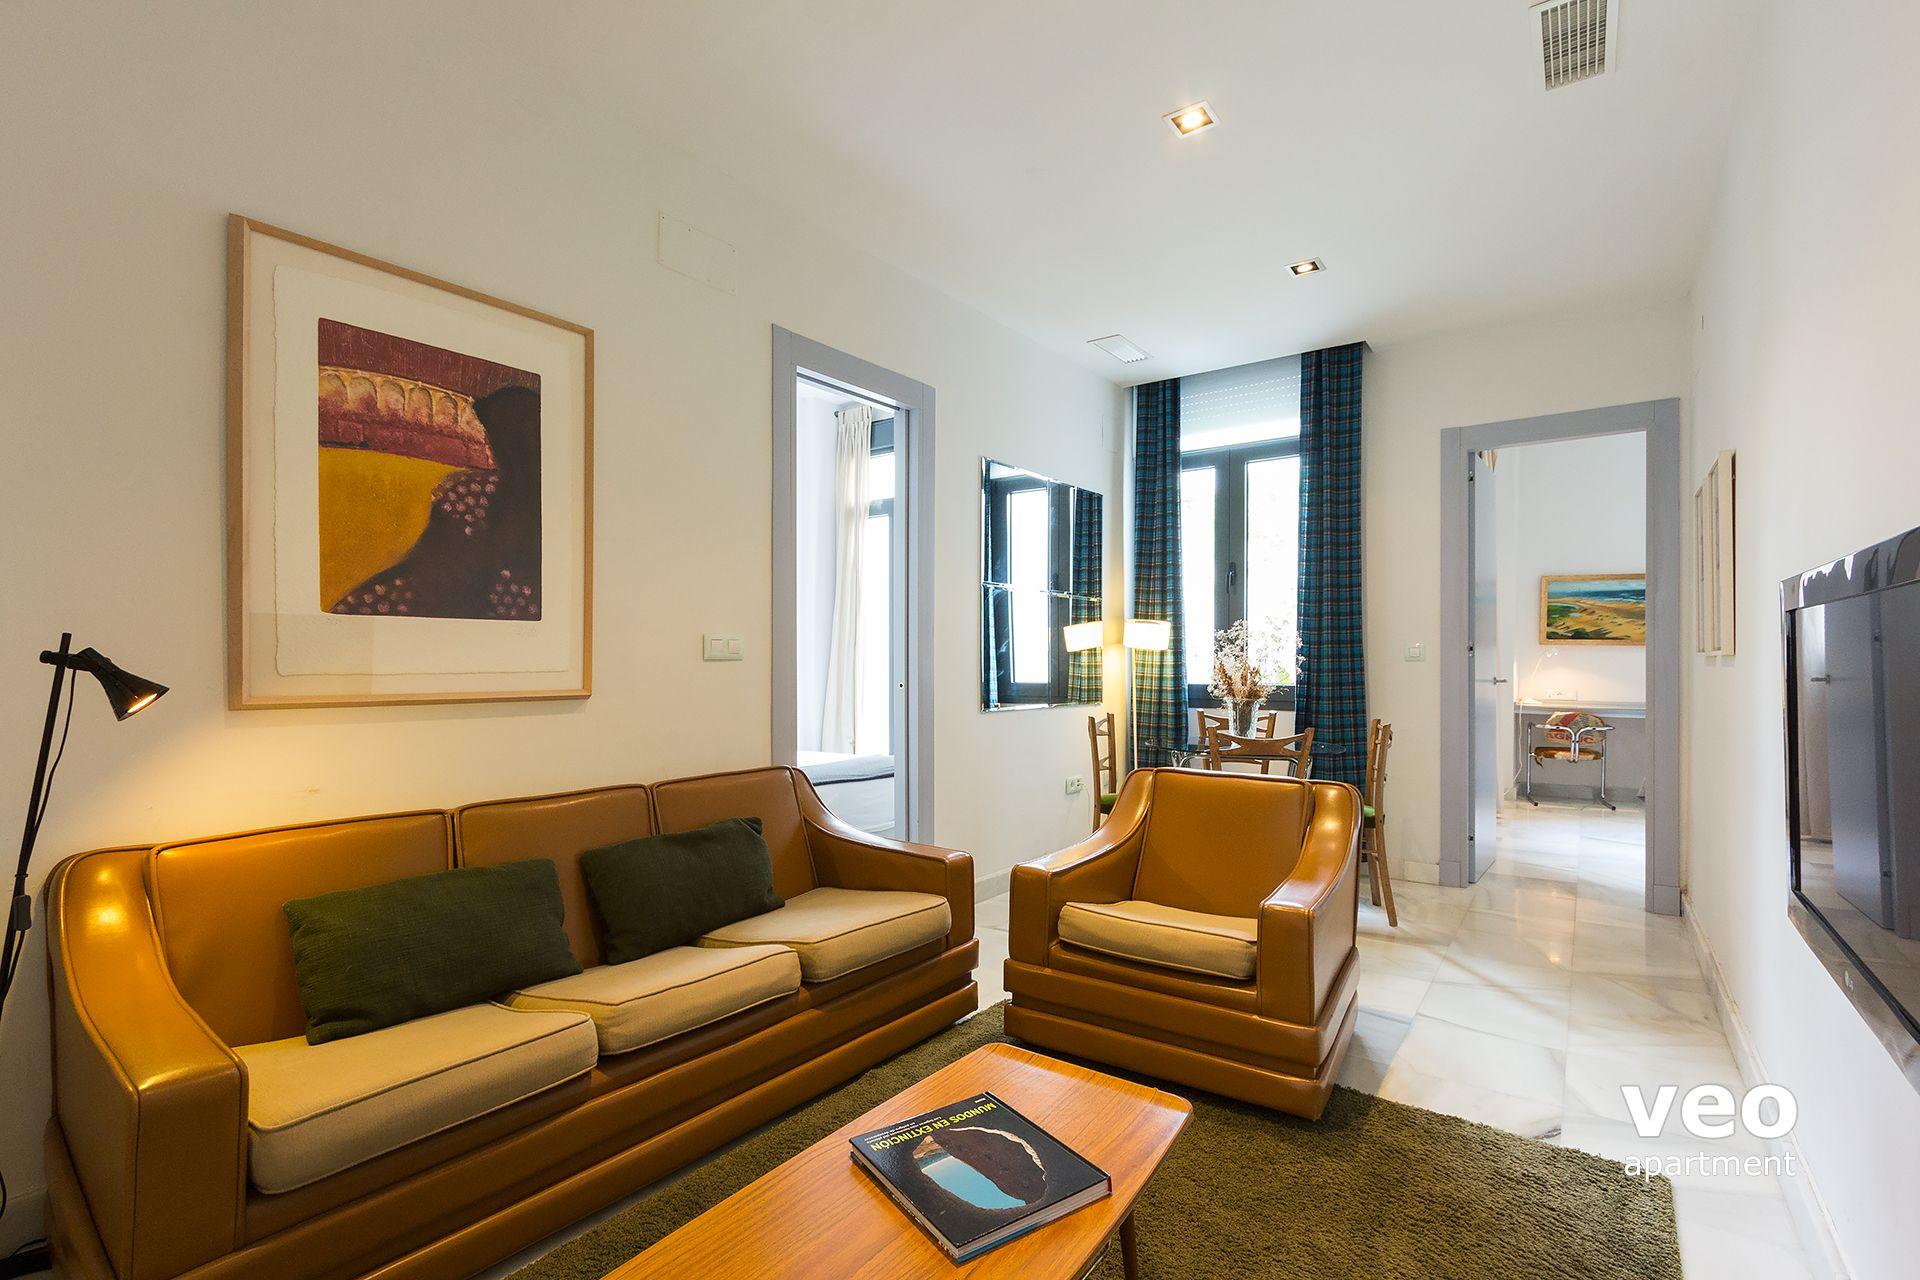 Sevilla apartmento calle teodosio sevilla espa a for Alquiler de apartamentos por dias en sevilla